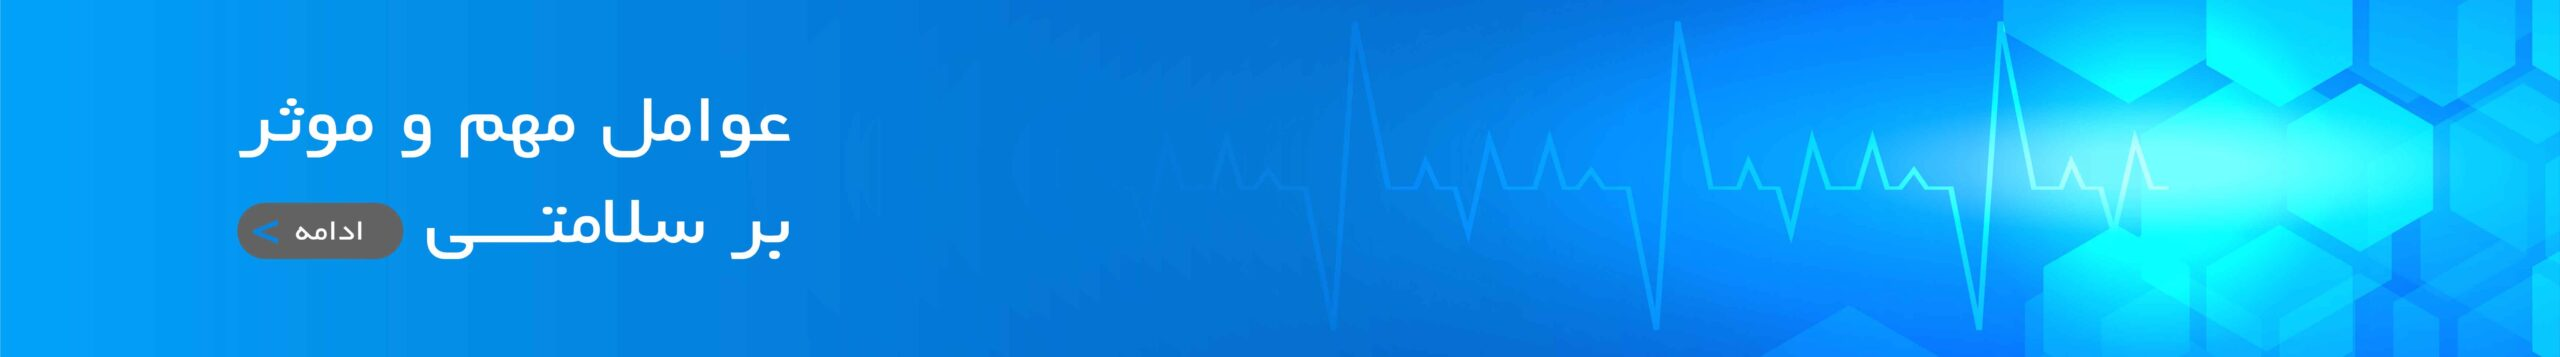 عوامل مهم و موثر بر سلامتی شما